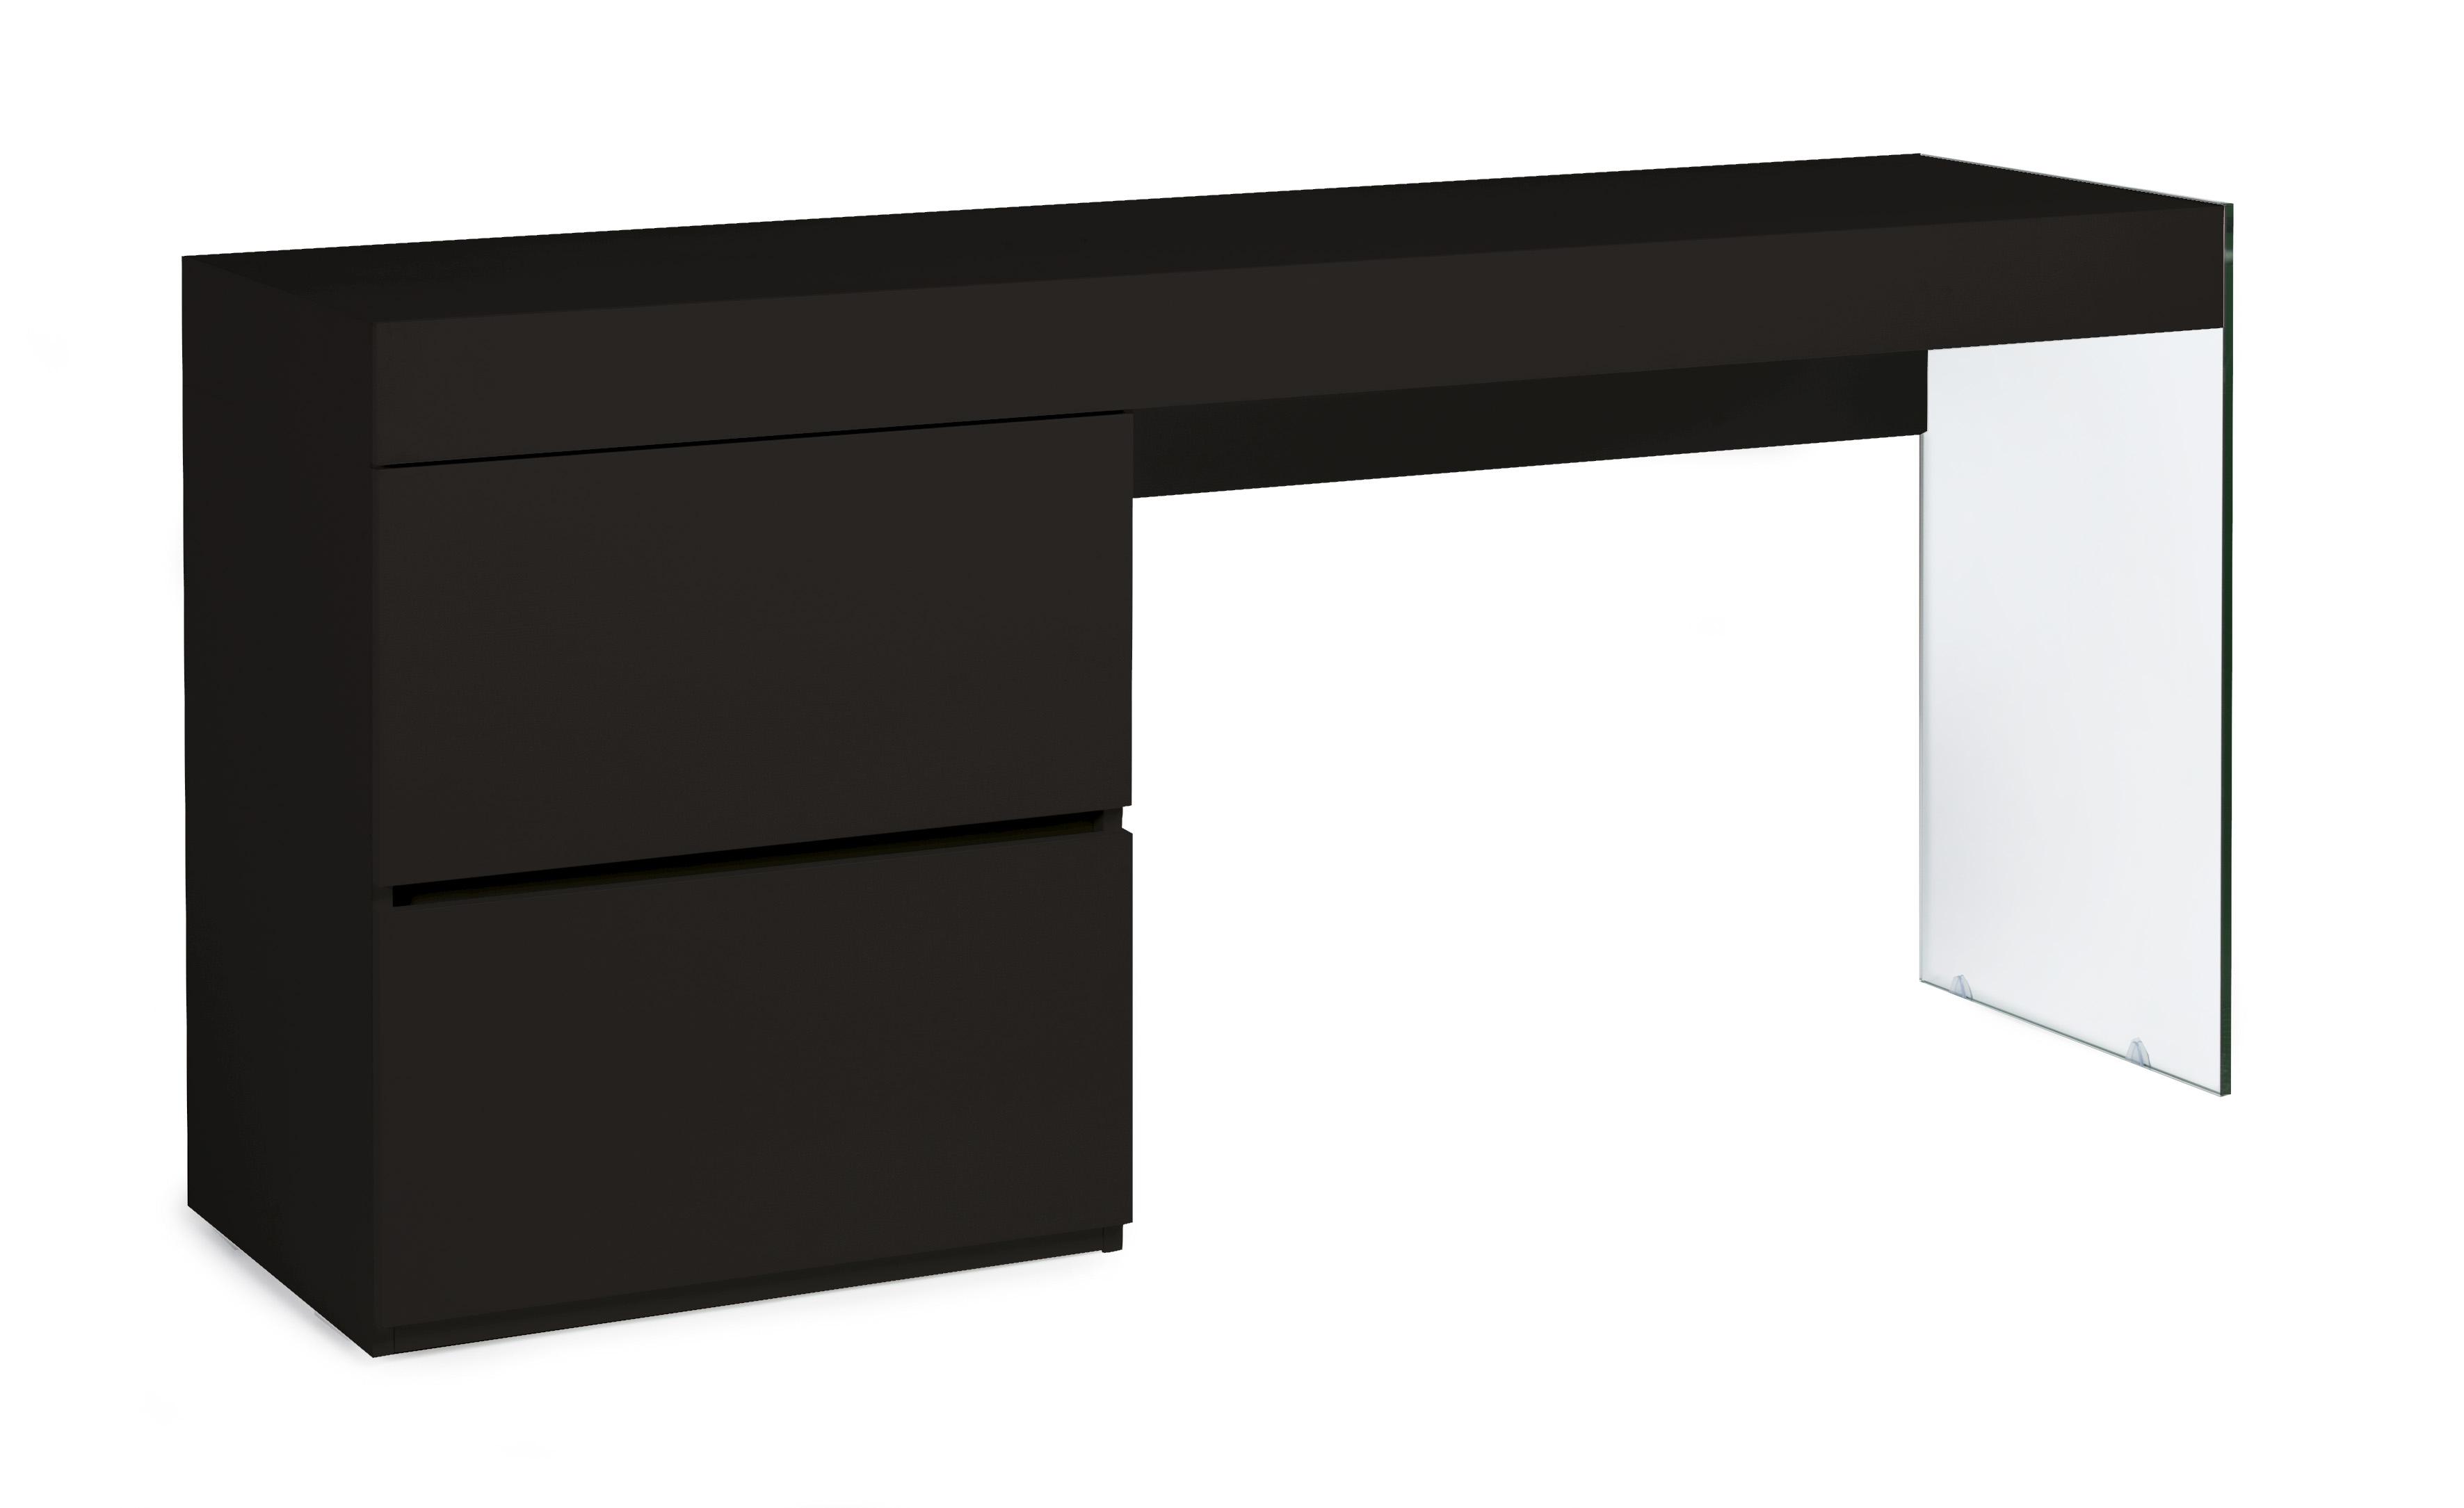 Bureau design noir laqué cubique lestendances.fr